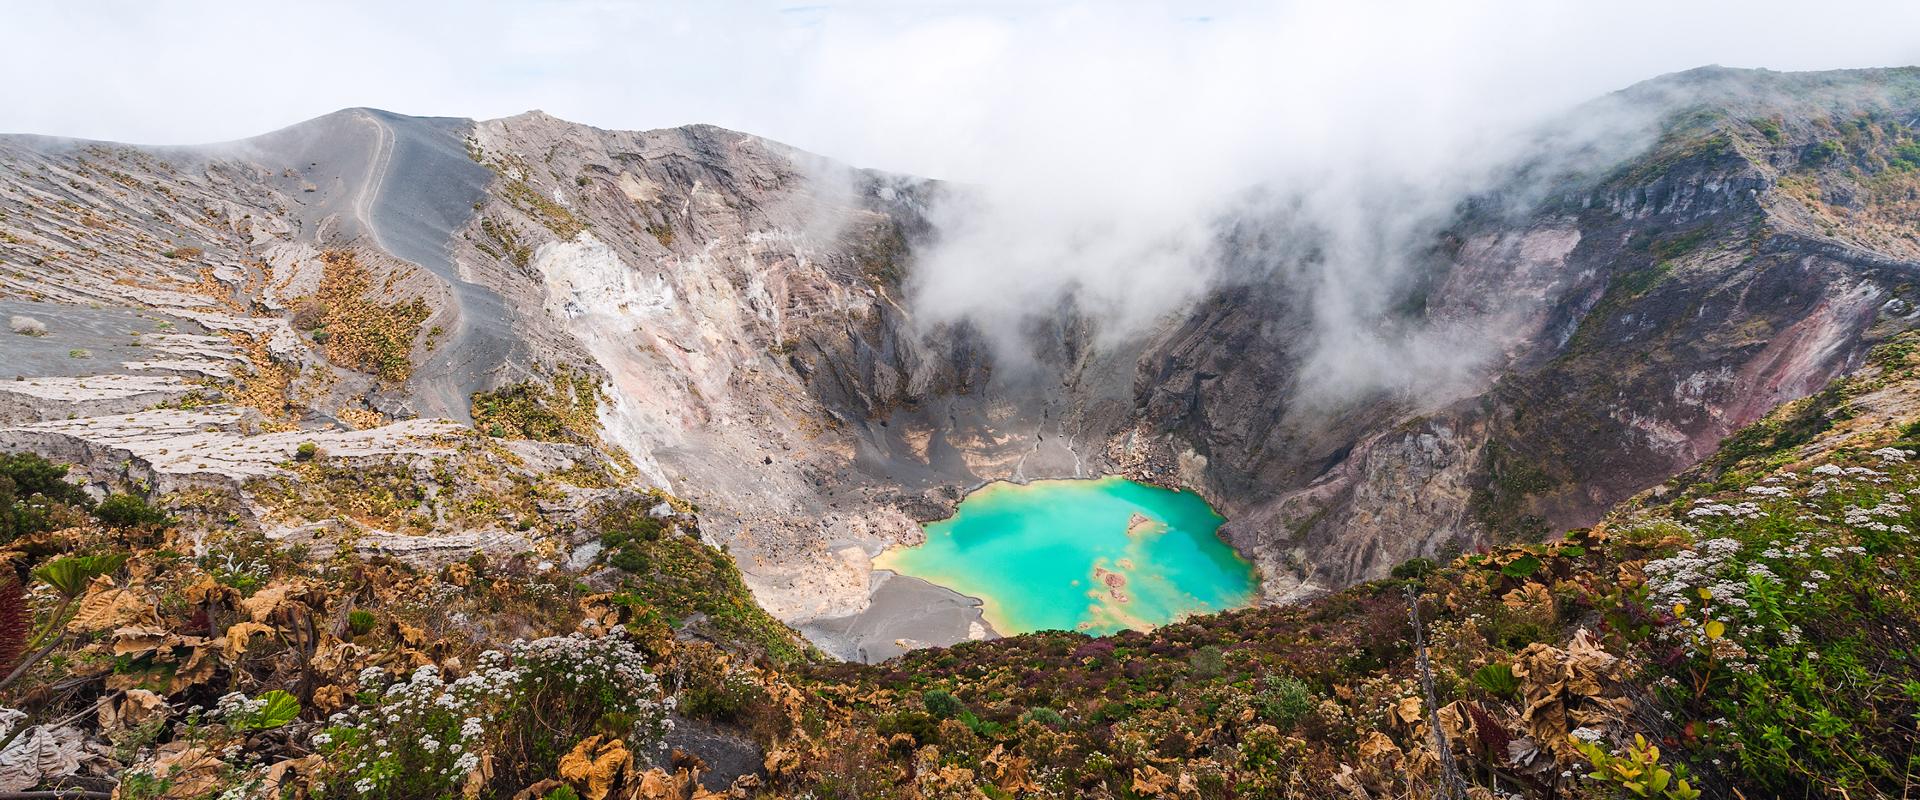 Costa Rica | Volcan Irazu